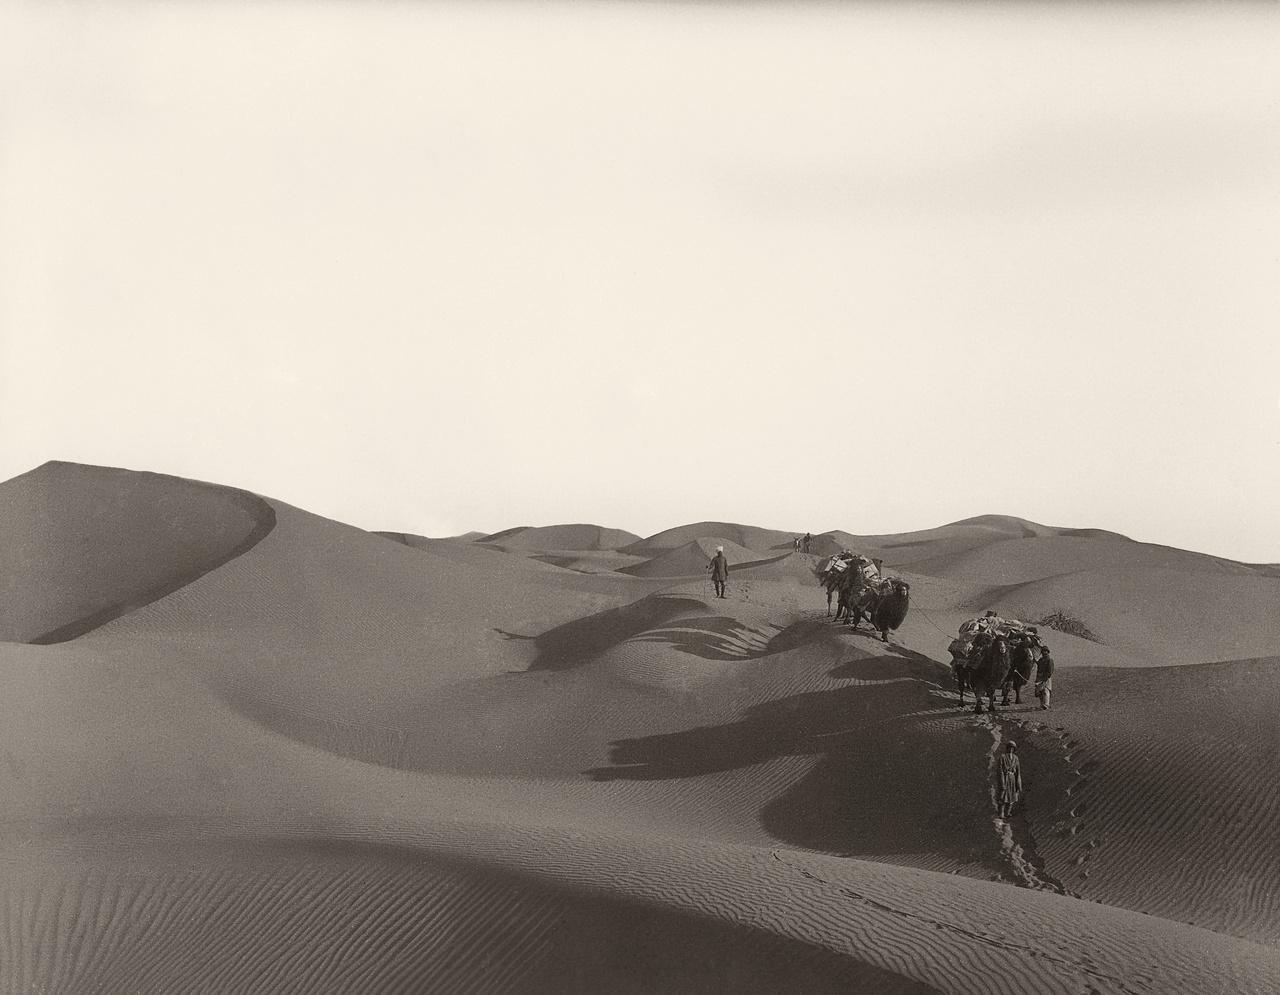 """Nyáron fullasztó hőség, télen harminc fokos mínuszok a kontinentális sivatagban, ahol az utazót nem ritkán elhullott málhásállatok tetemei és szomjan veszett hajdani expedíciókról szóló történetek figyelmeztetik: az ivóvíz minden cseppjével takarékoskodnia kell. A Kína legnyugatibb részén 1000 kilométeren át húzódó Takla-makán neve elhagyatott vidéket, """"a soha vissza nem térés földjét"""" jelenti ujgurul, nem véletlenül kerülte meg inkább a Selyemút két fő szárazföldi ága is hajdanán a homoksivatagot. Száz éve még egész tágabb vidéke, a lefolyástalan Tarim-medence, az egyaránt 7000-es magasságokig törő Tien-san és a Pamír-hegységek is alig ismert tájak voltak az európaiak előtt. Nem beszélve a hegyeken túli, a Keletről szőtt álmokat még inkább izgató Tibetről és Afganisztánról - arról a vidékről, amiről a pesti zsidó gyerek is egész életében fantáziált, de csak meghalni juthatott el oda."""